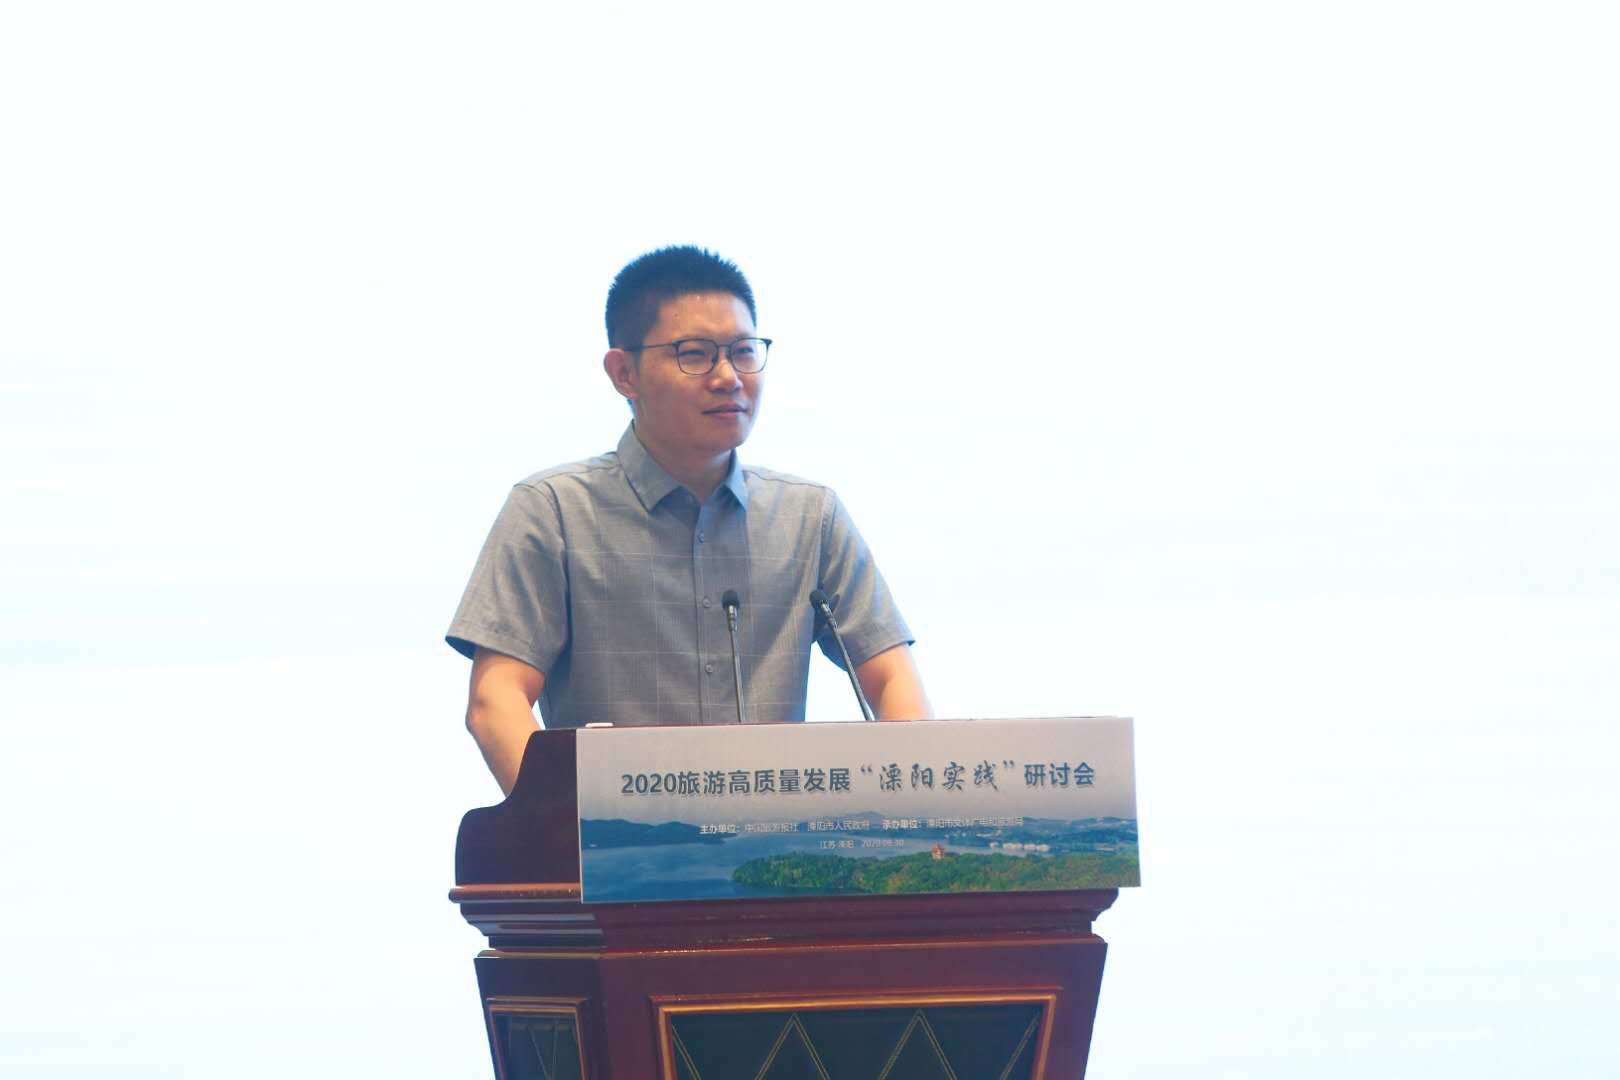 图片为中国旅游报社副社长胥波致辞